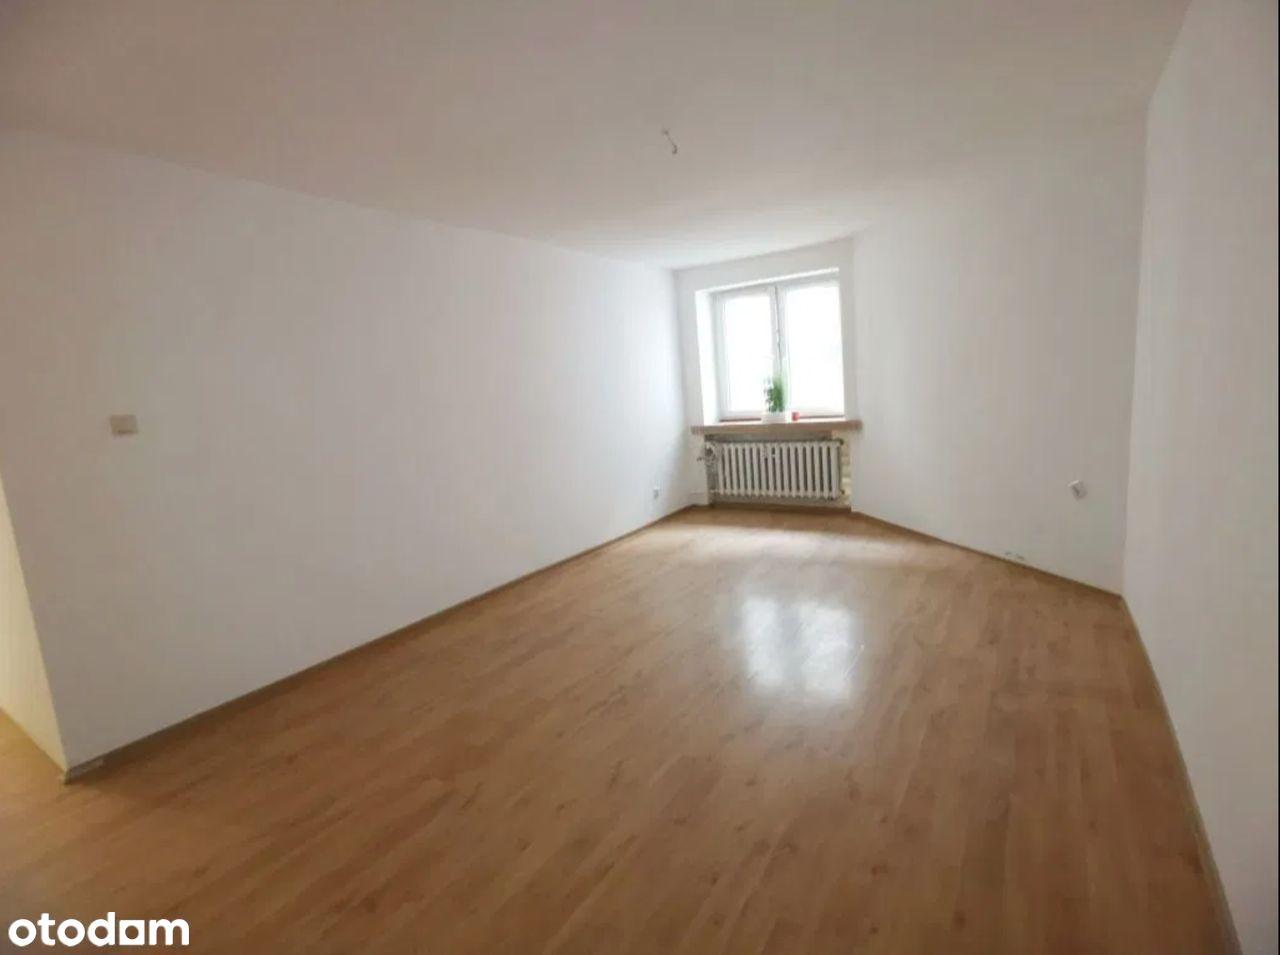 Mieszkanie 2 pokojowe ul. Górnych Wałów